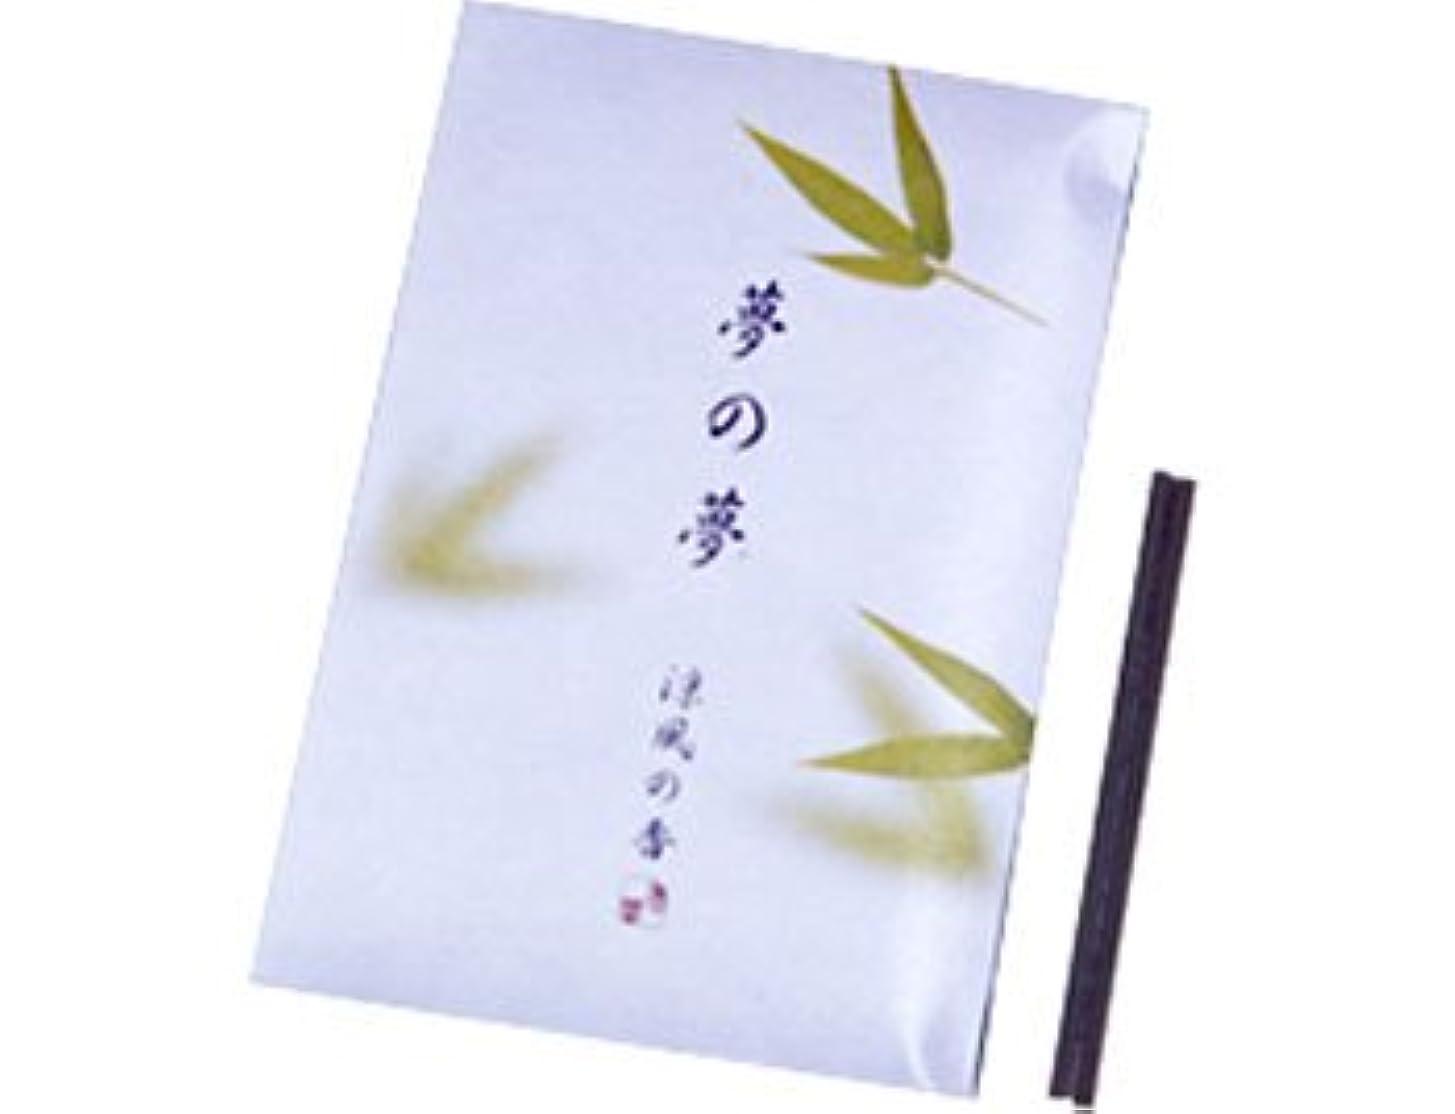 避けられない伝説オリエントお香 インセンス 「夢の夢 涼風の香 スティック12本入 ( すずかぜ ) 」